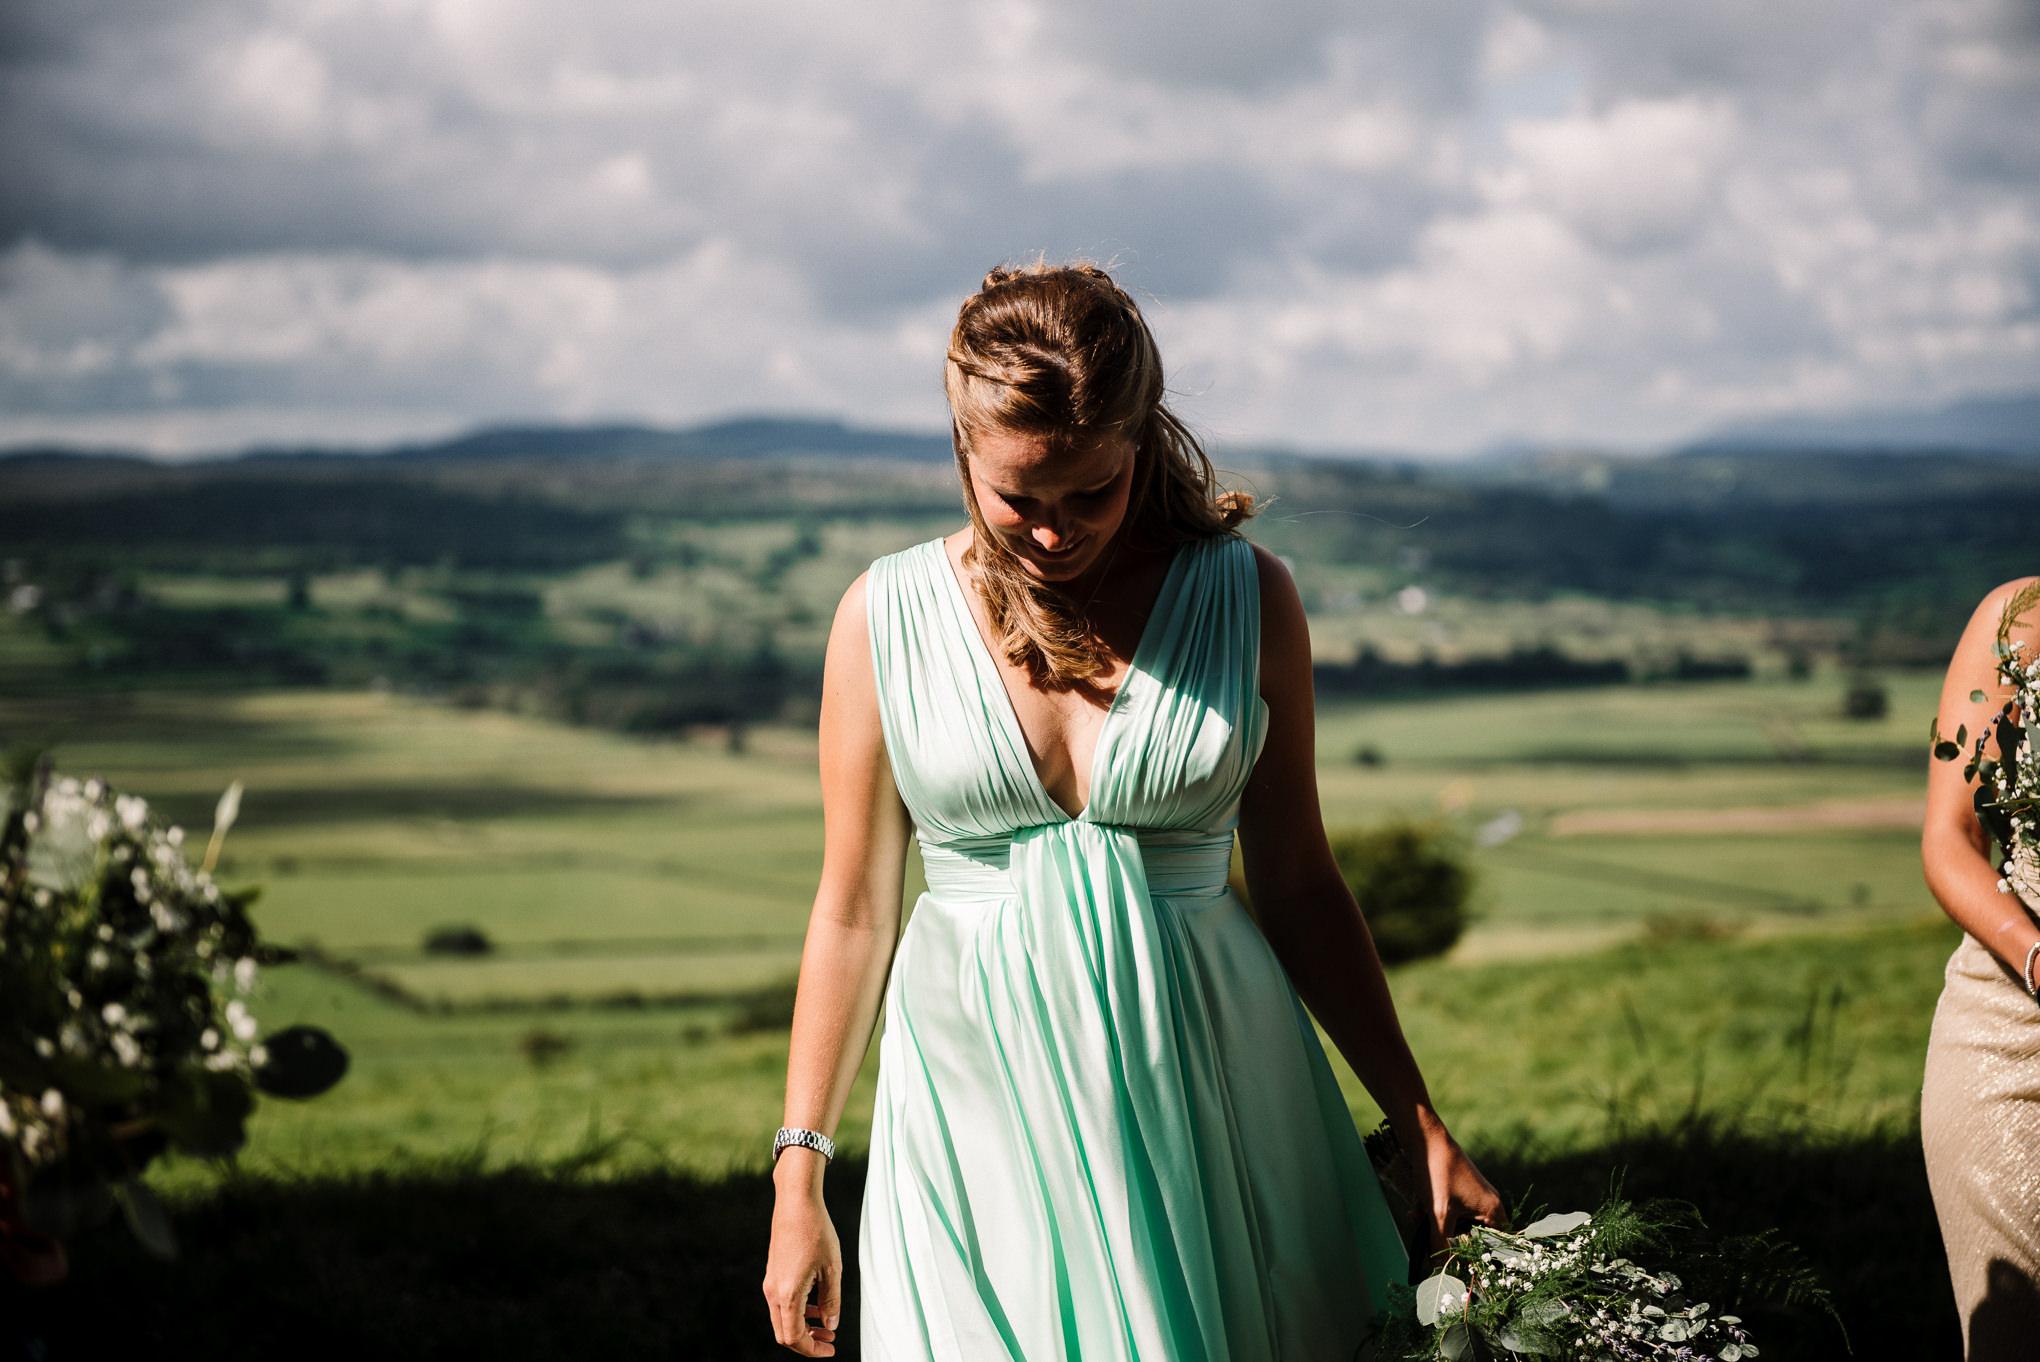 Natural shot of bridesmaid walking towards church